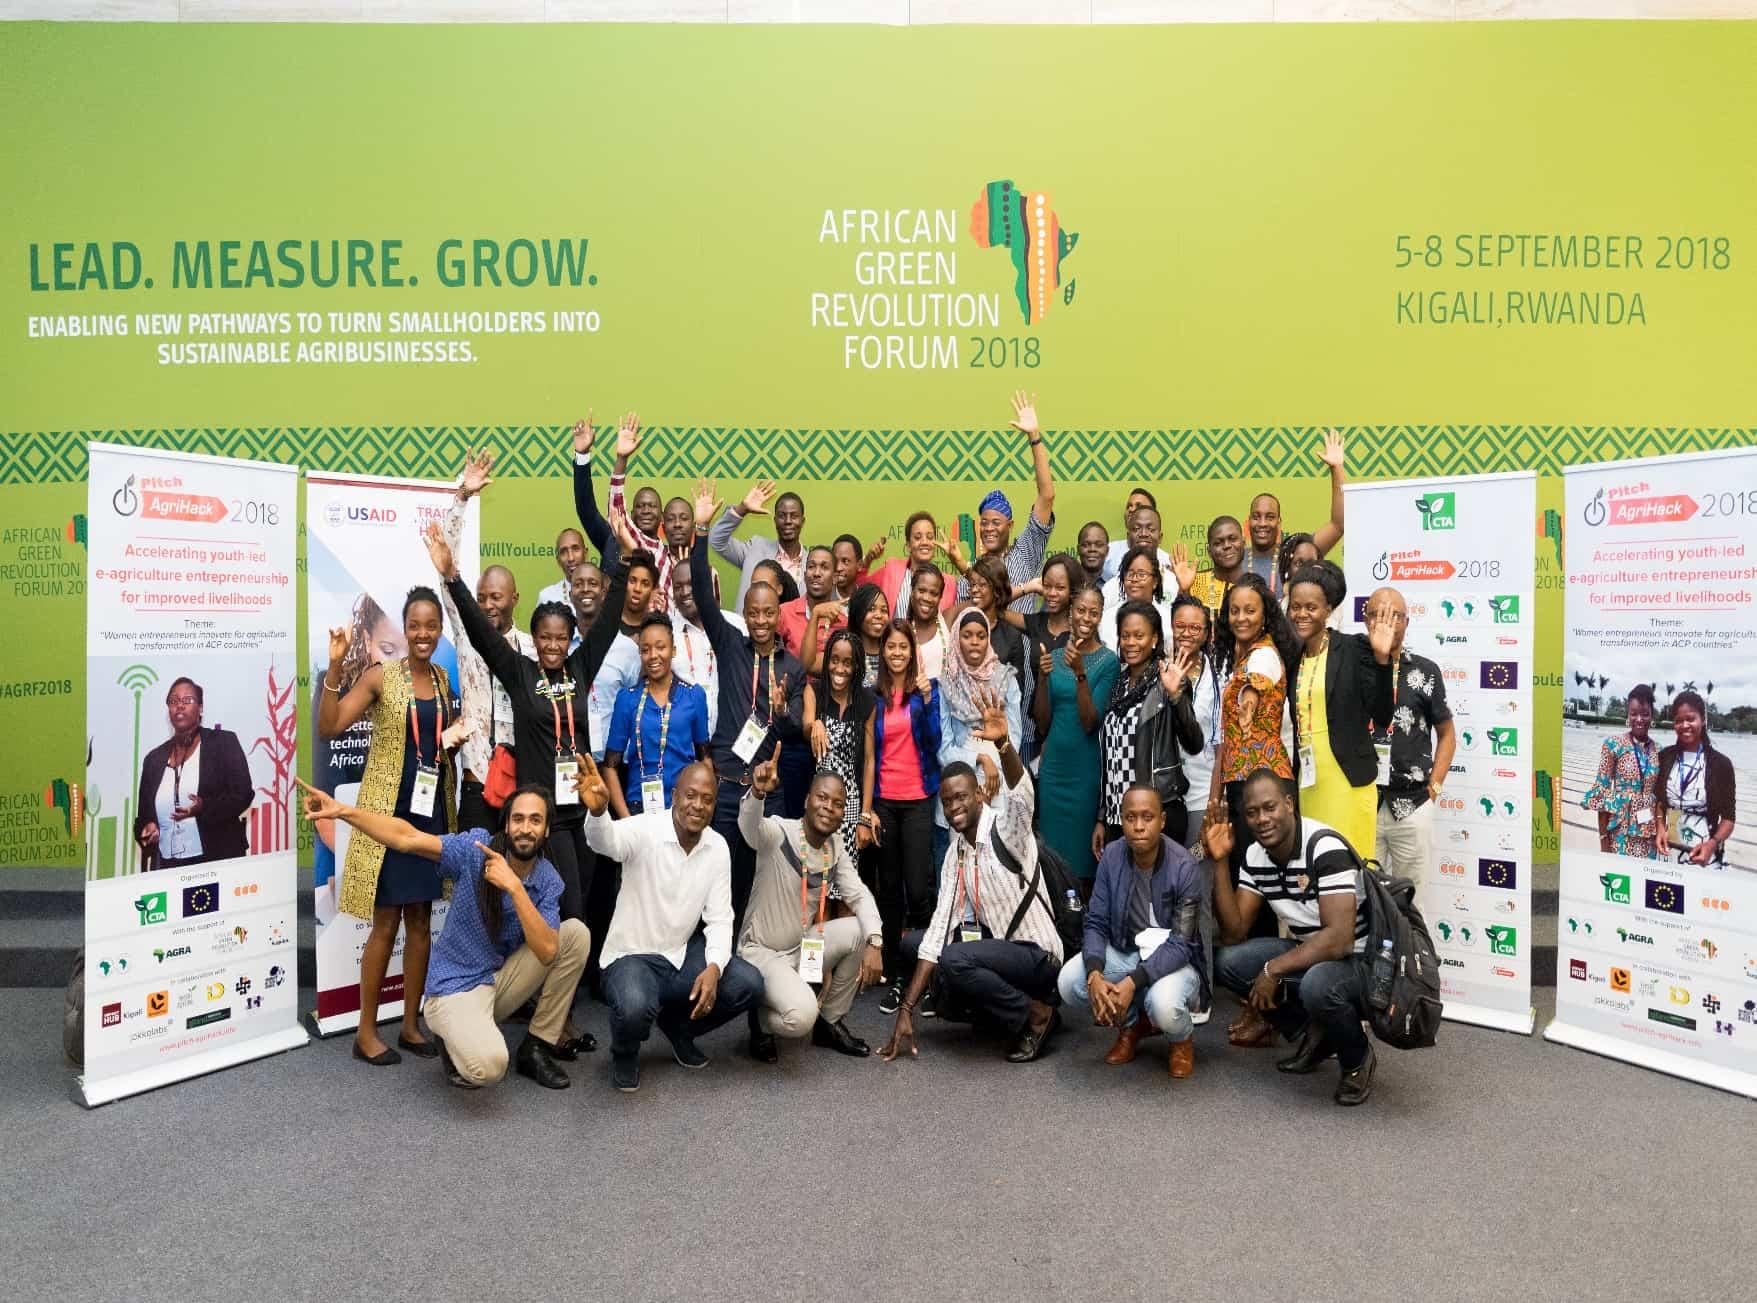 Les dix clés du succès des start-up offrant des services numériques au secteur agricole